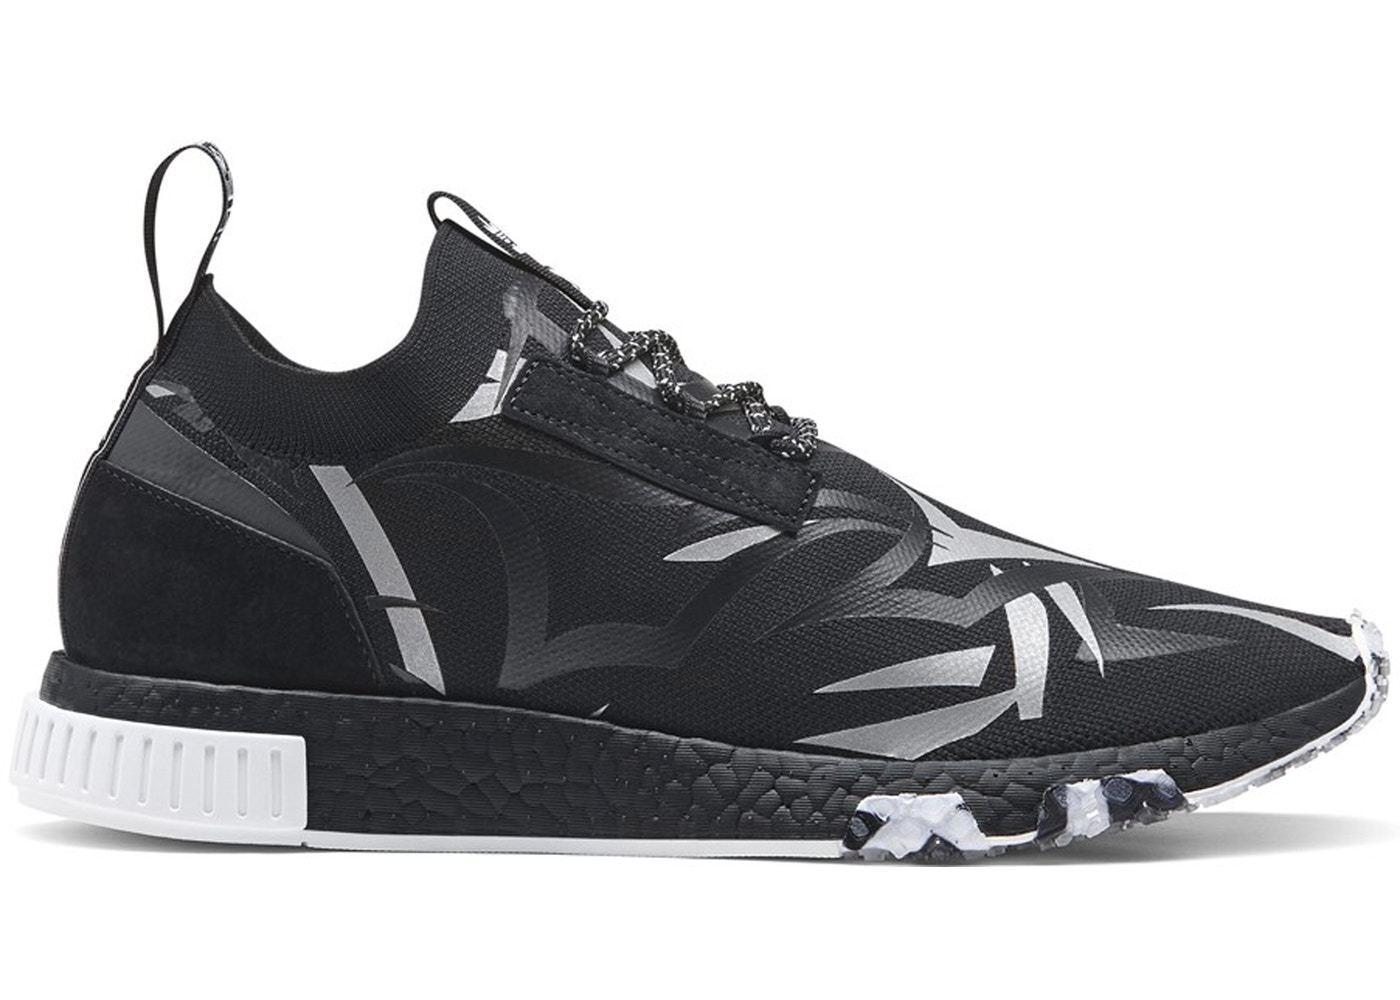 Adidas nmd racer saft hk schwarz / weiß / größen oreo - db1777 mens größen / 6febb9